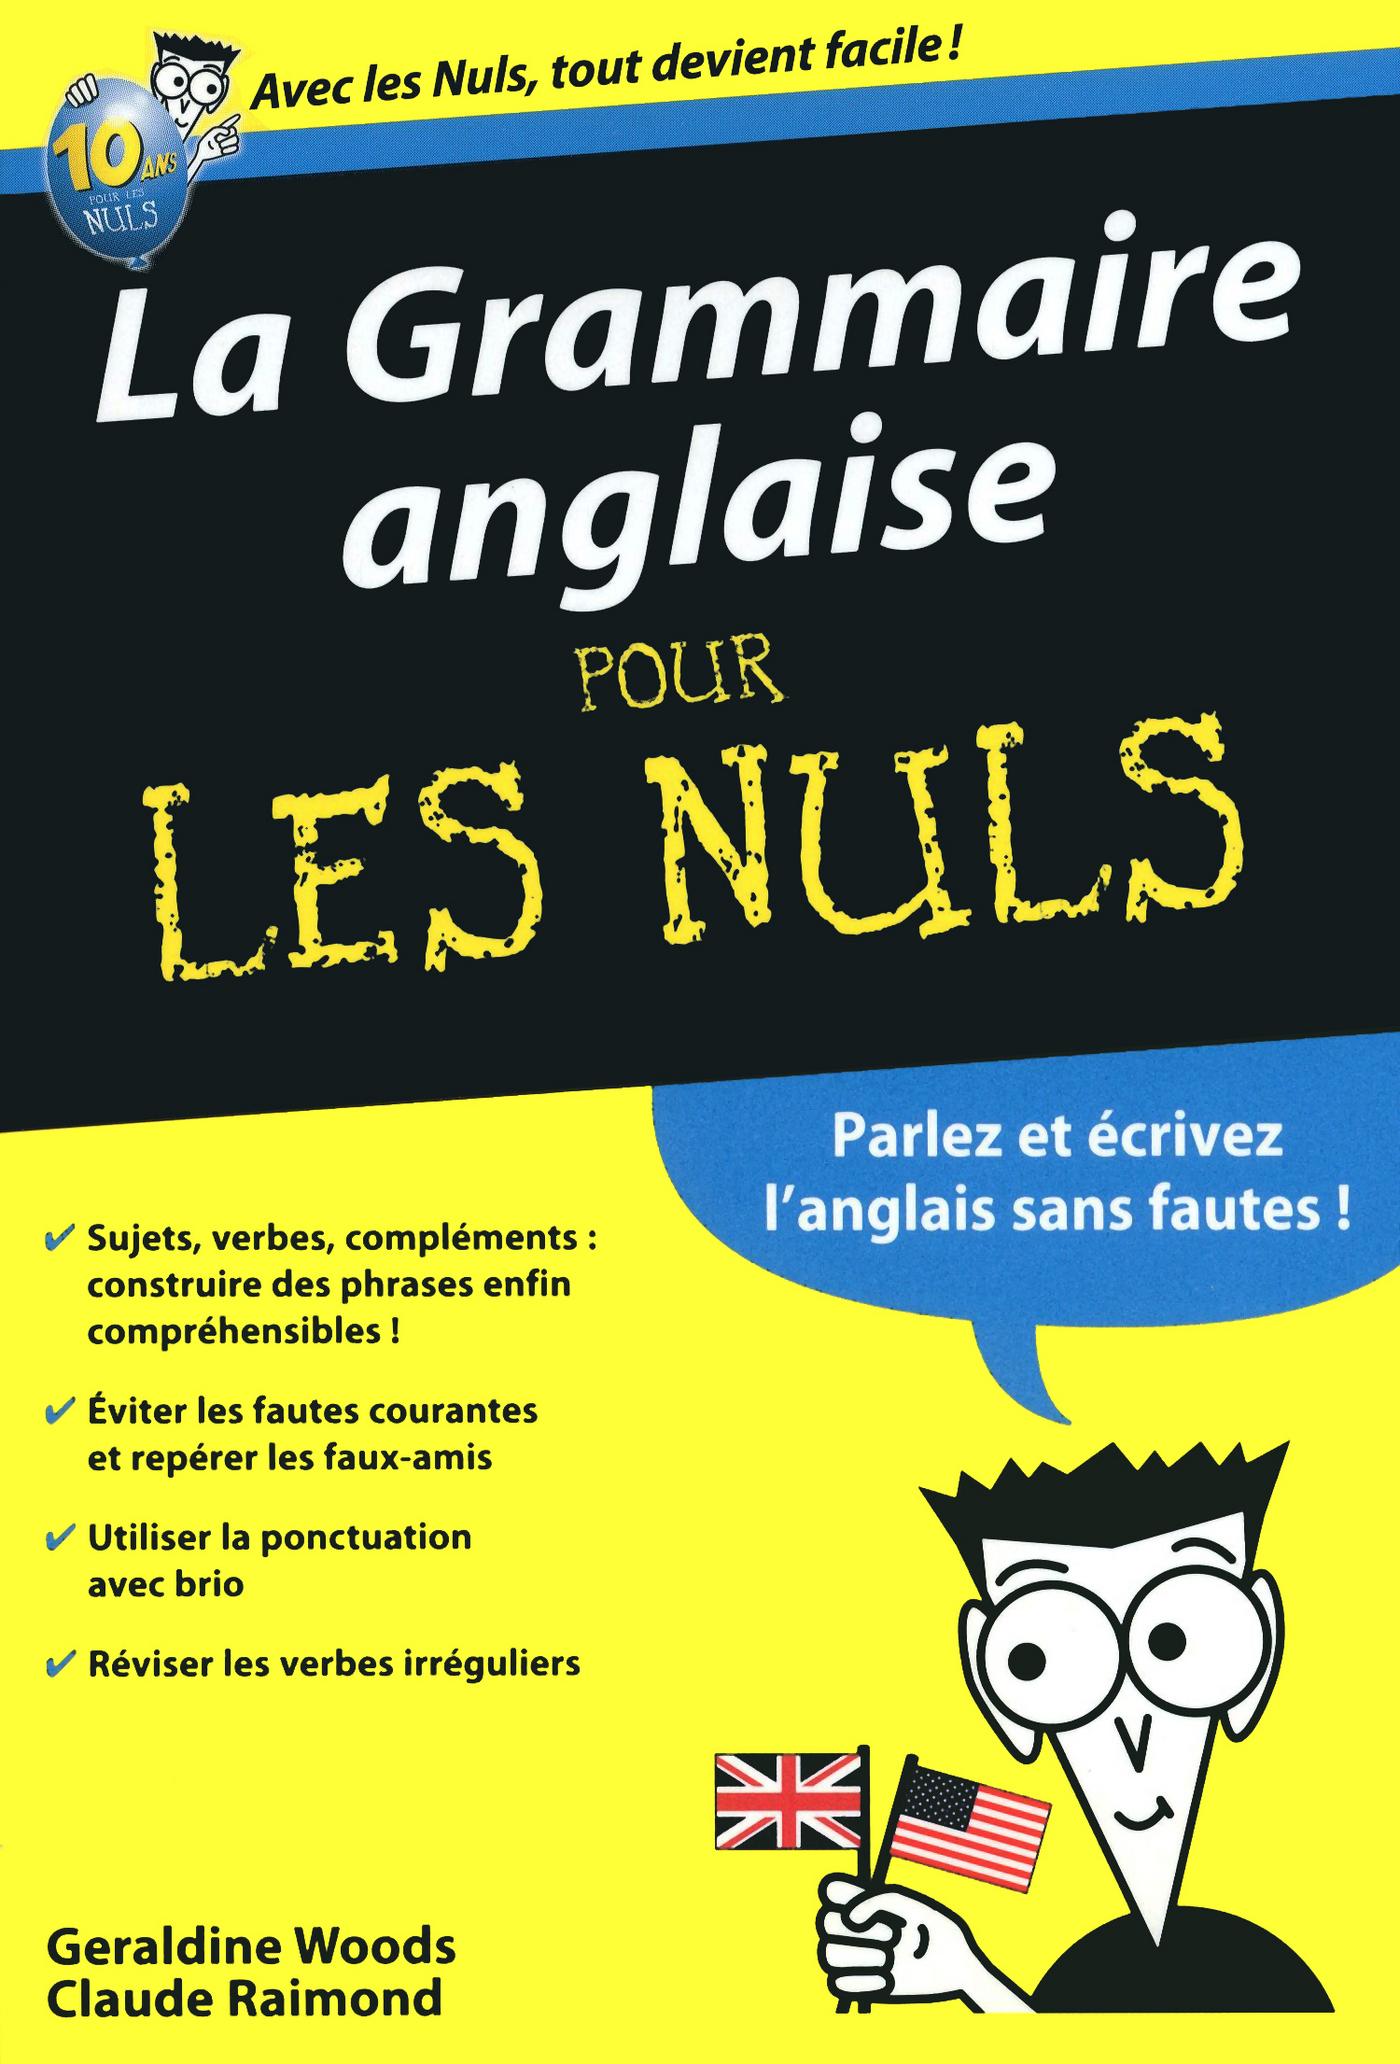 La Grammaire anglaise poche Pour les Nuls (ebook)